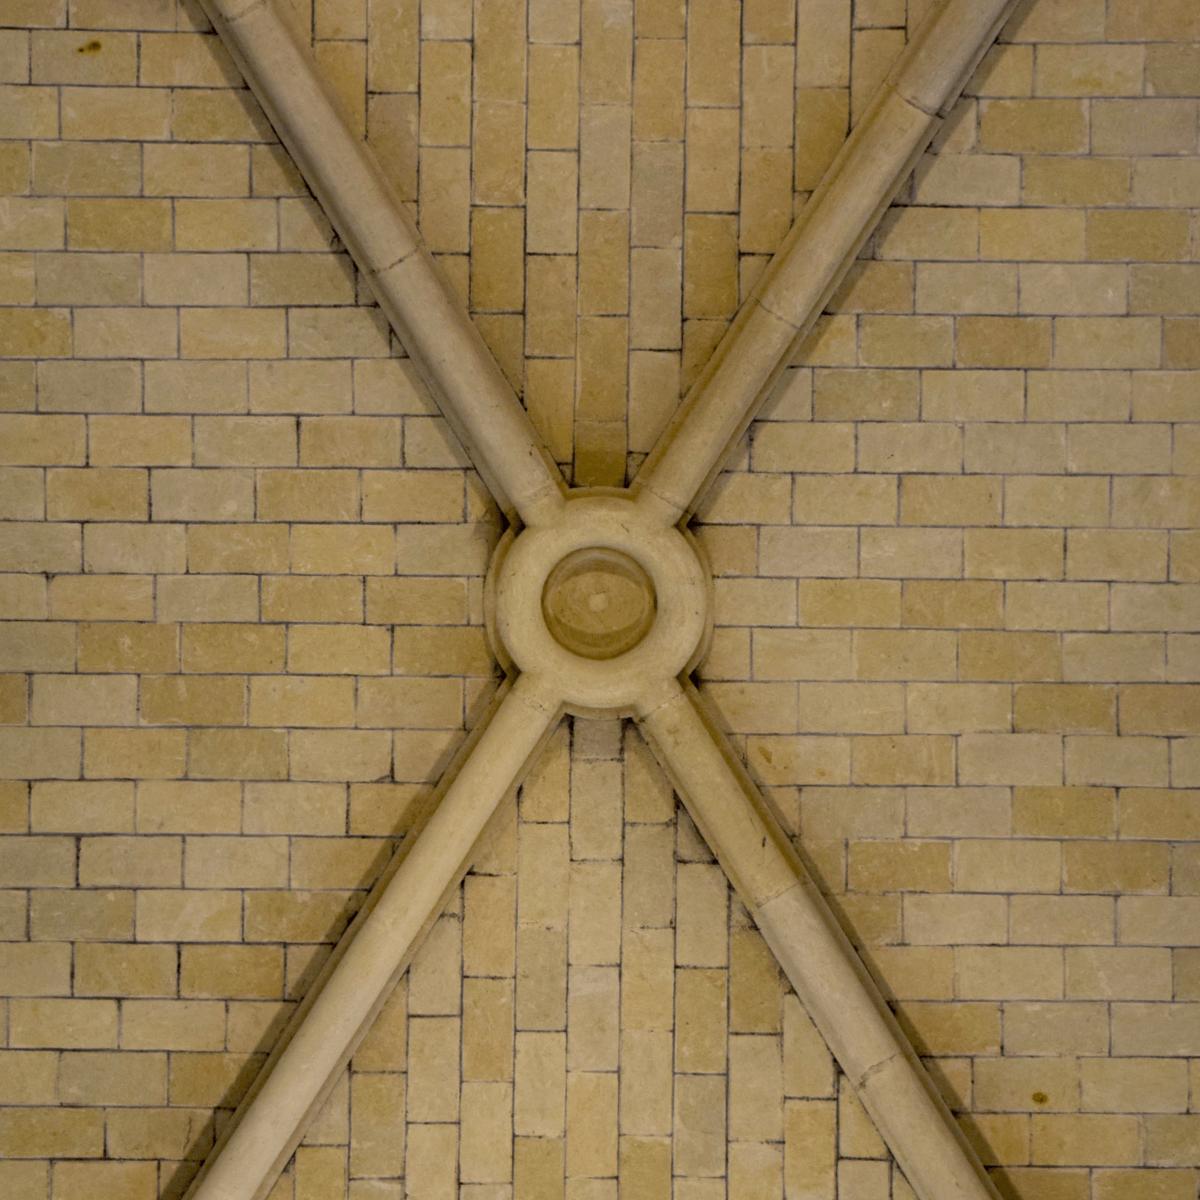 La voute de l'église abbatiale de l'<strong>abbaye Notre-Dame des Gardes</strong>, reflet de la sobriété trappiste